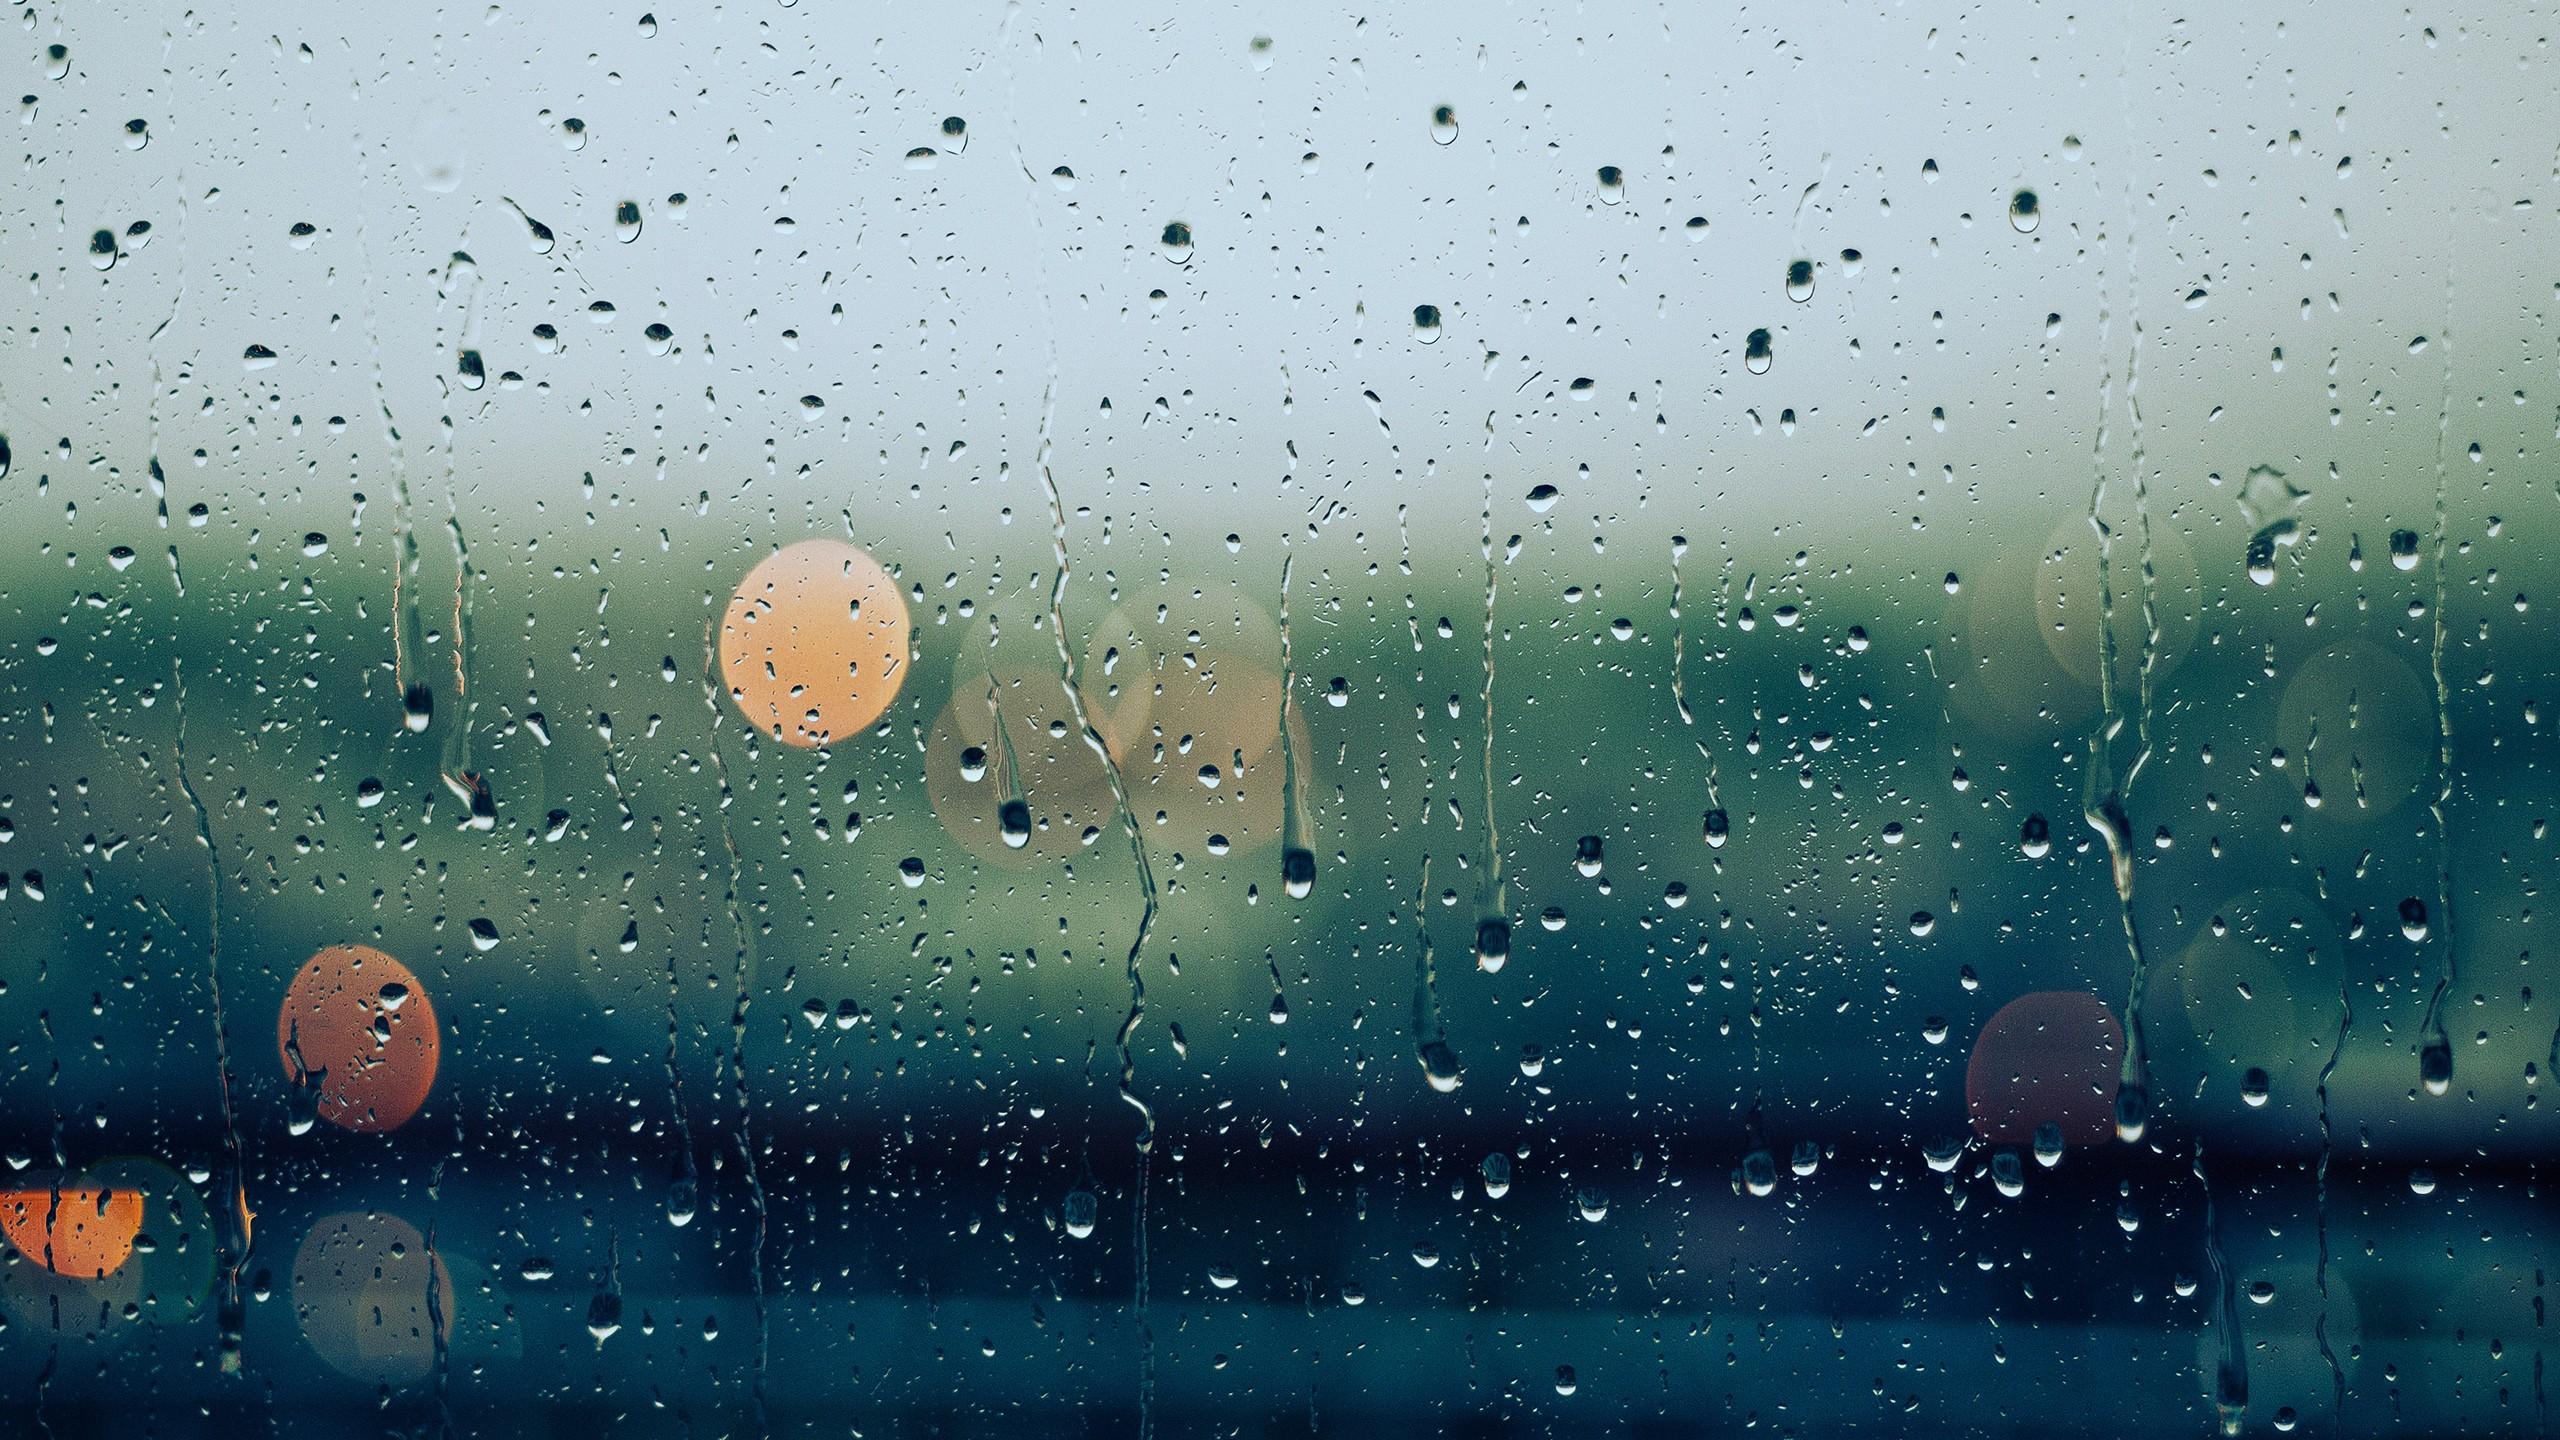 デスクトップ壁紙 窓 空 雪 雨 写真 水滴 雰囲気 ボケ 凍結